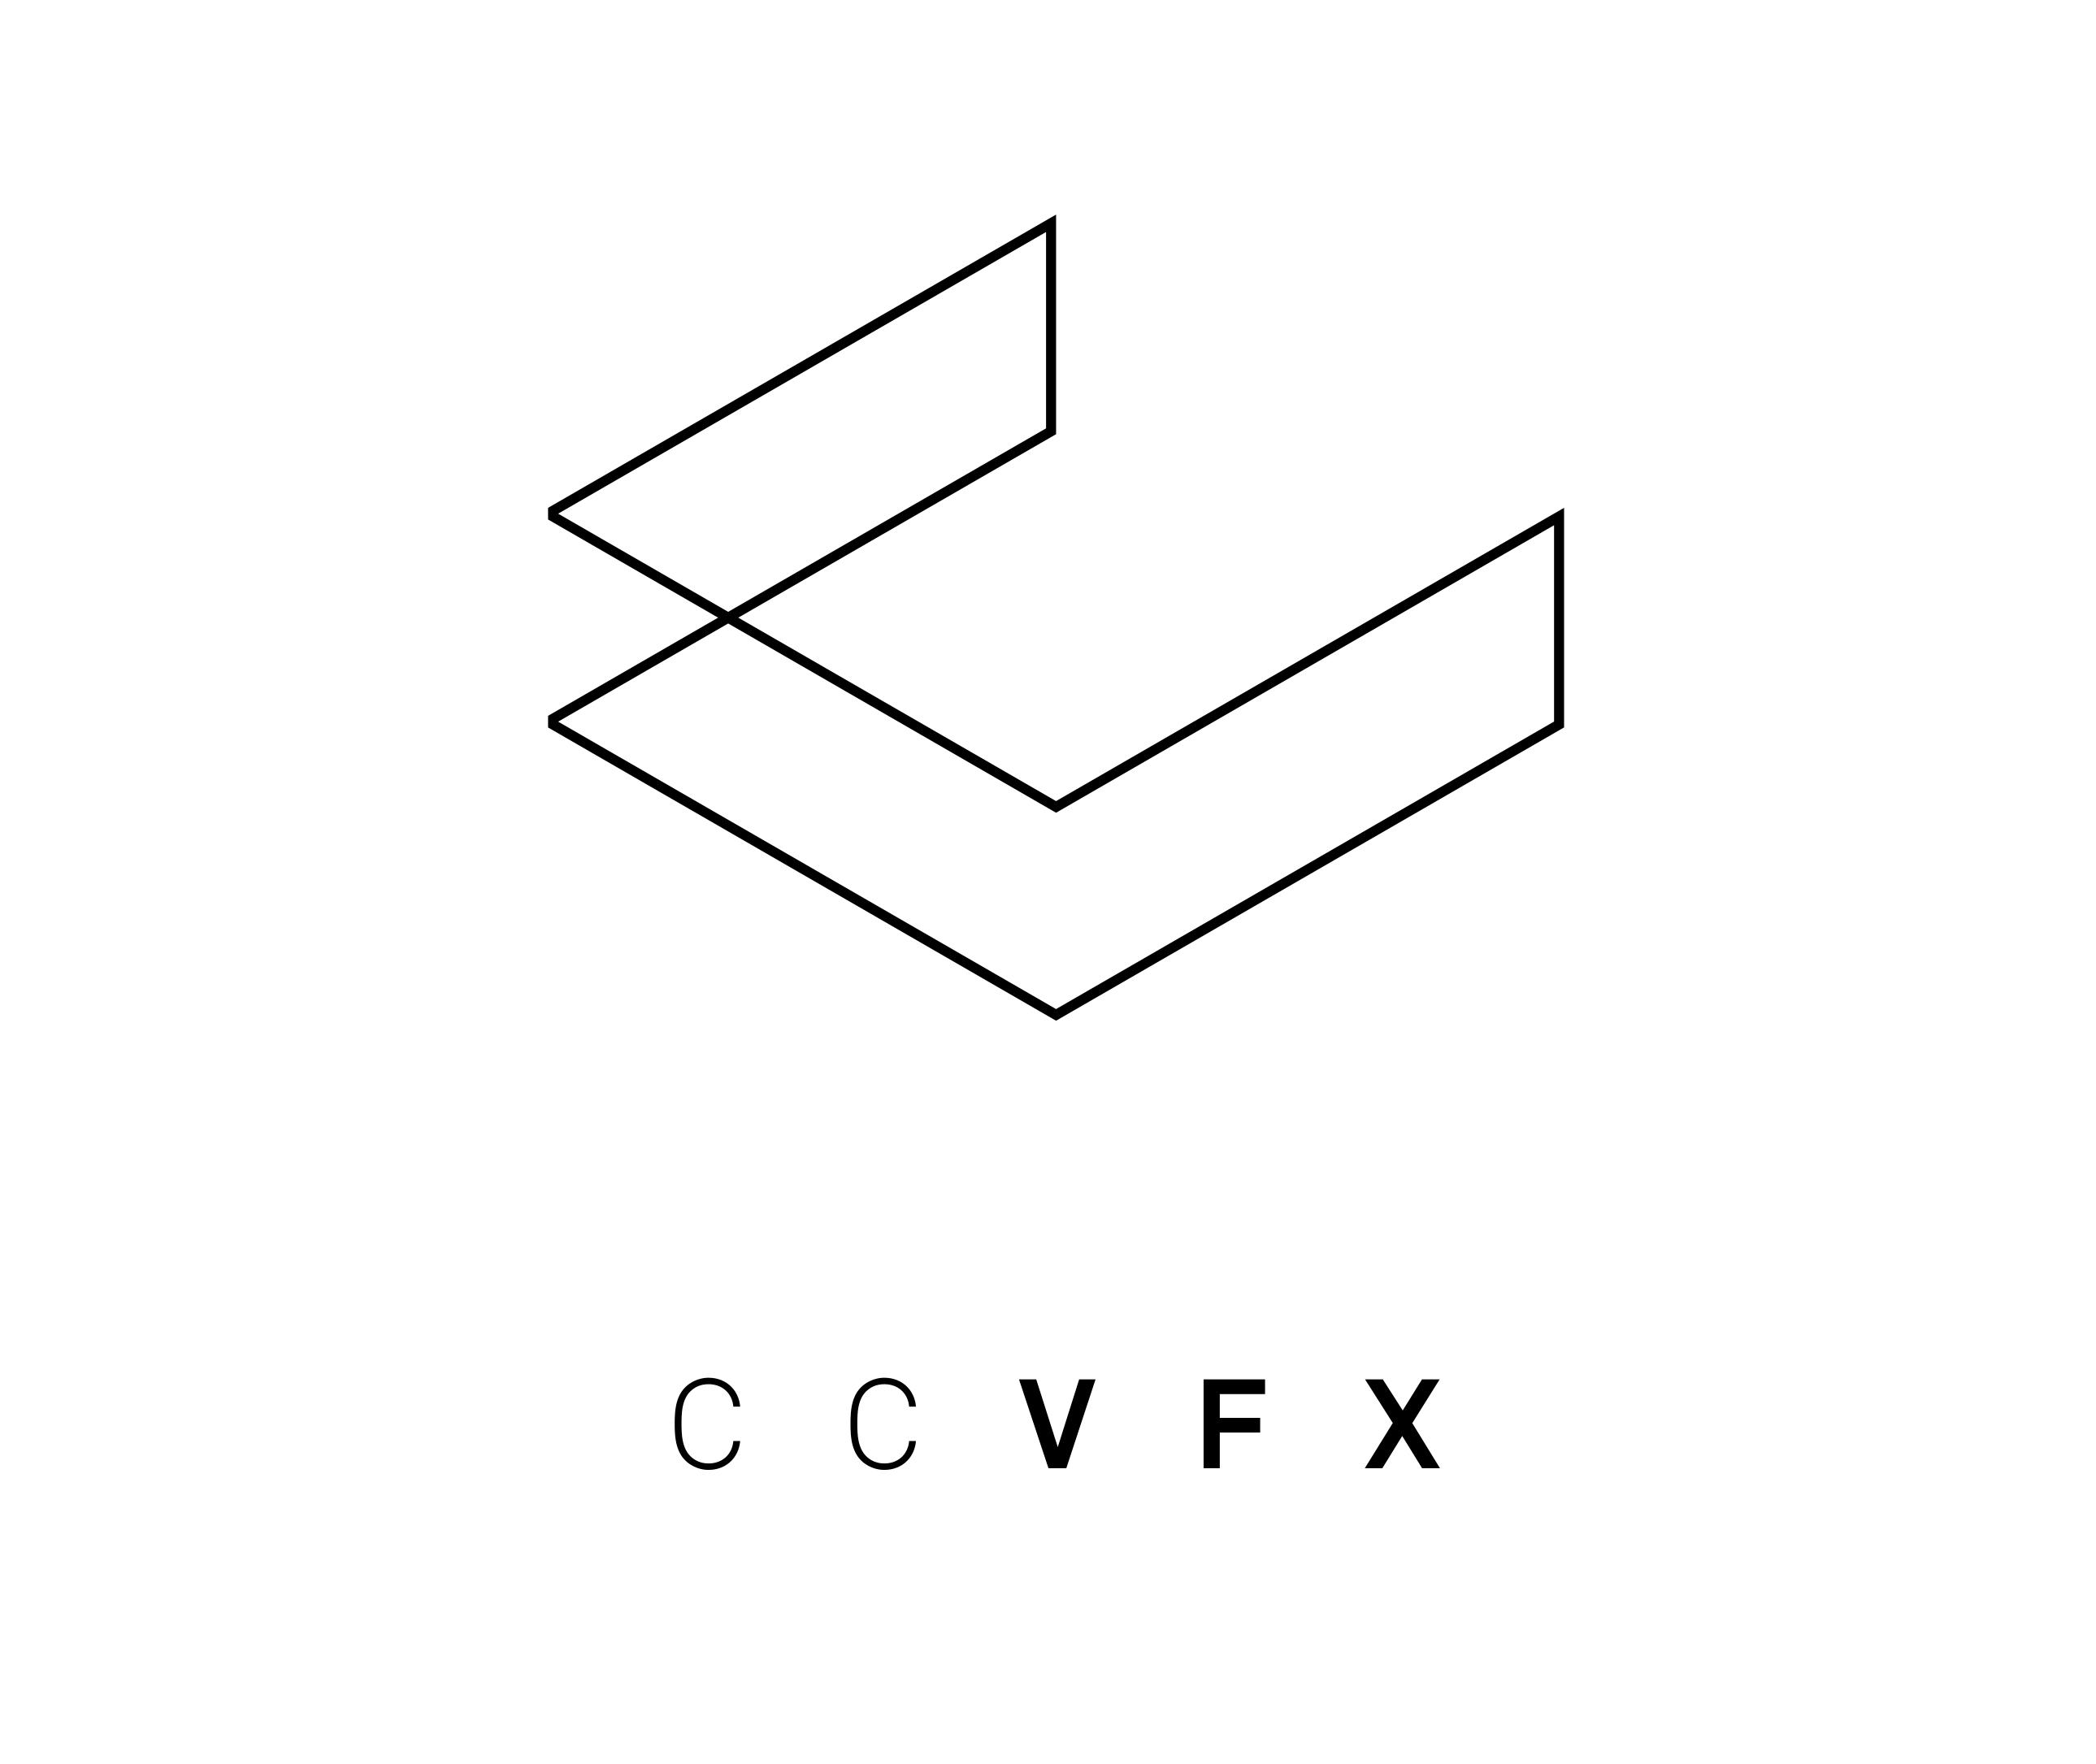 CC VFX